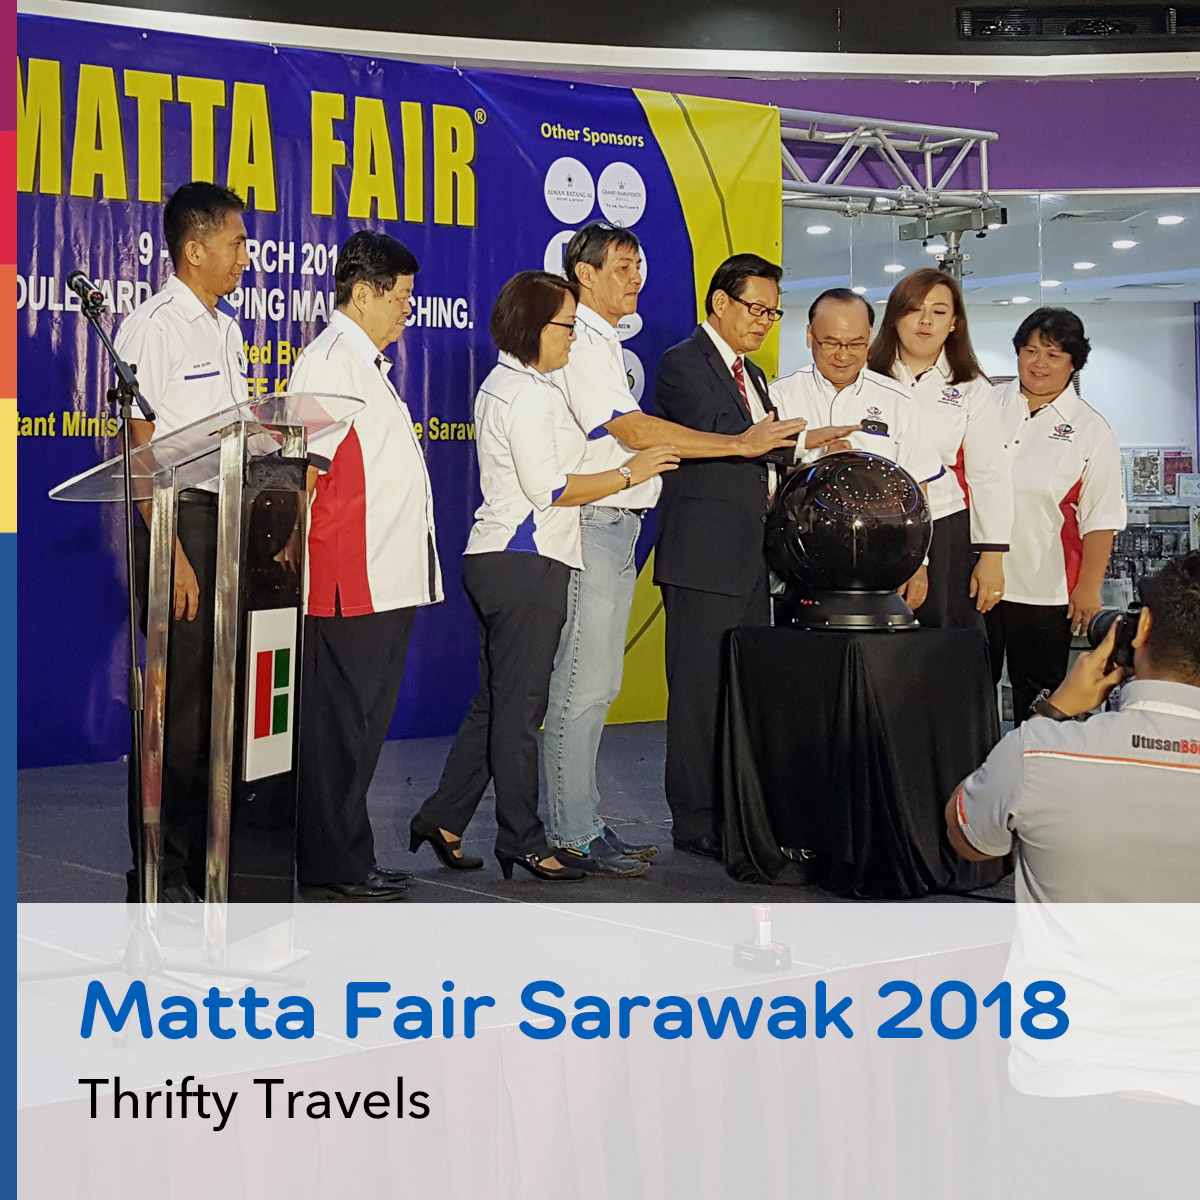 Matta Fair Sarawak 2018